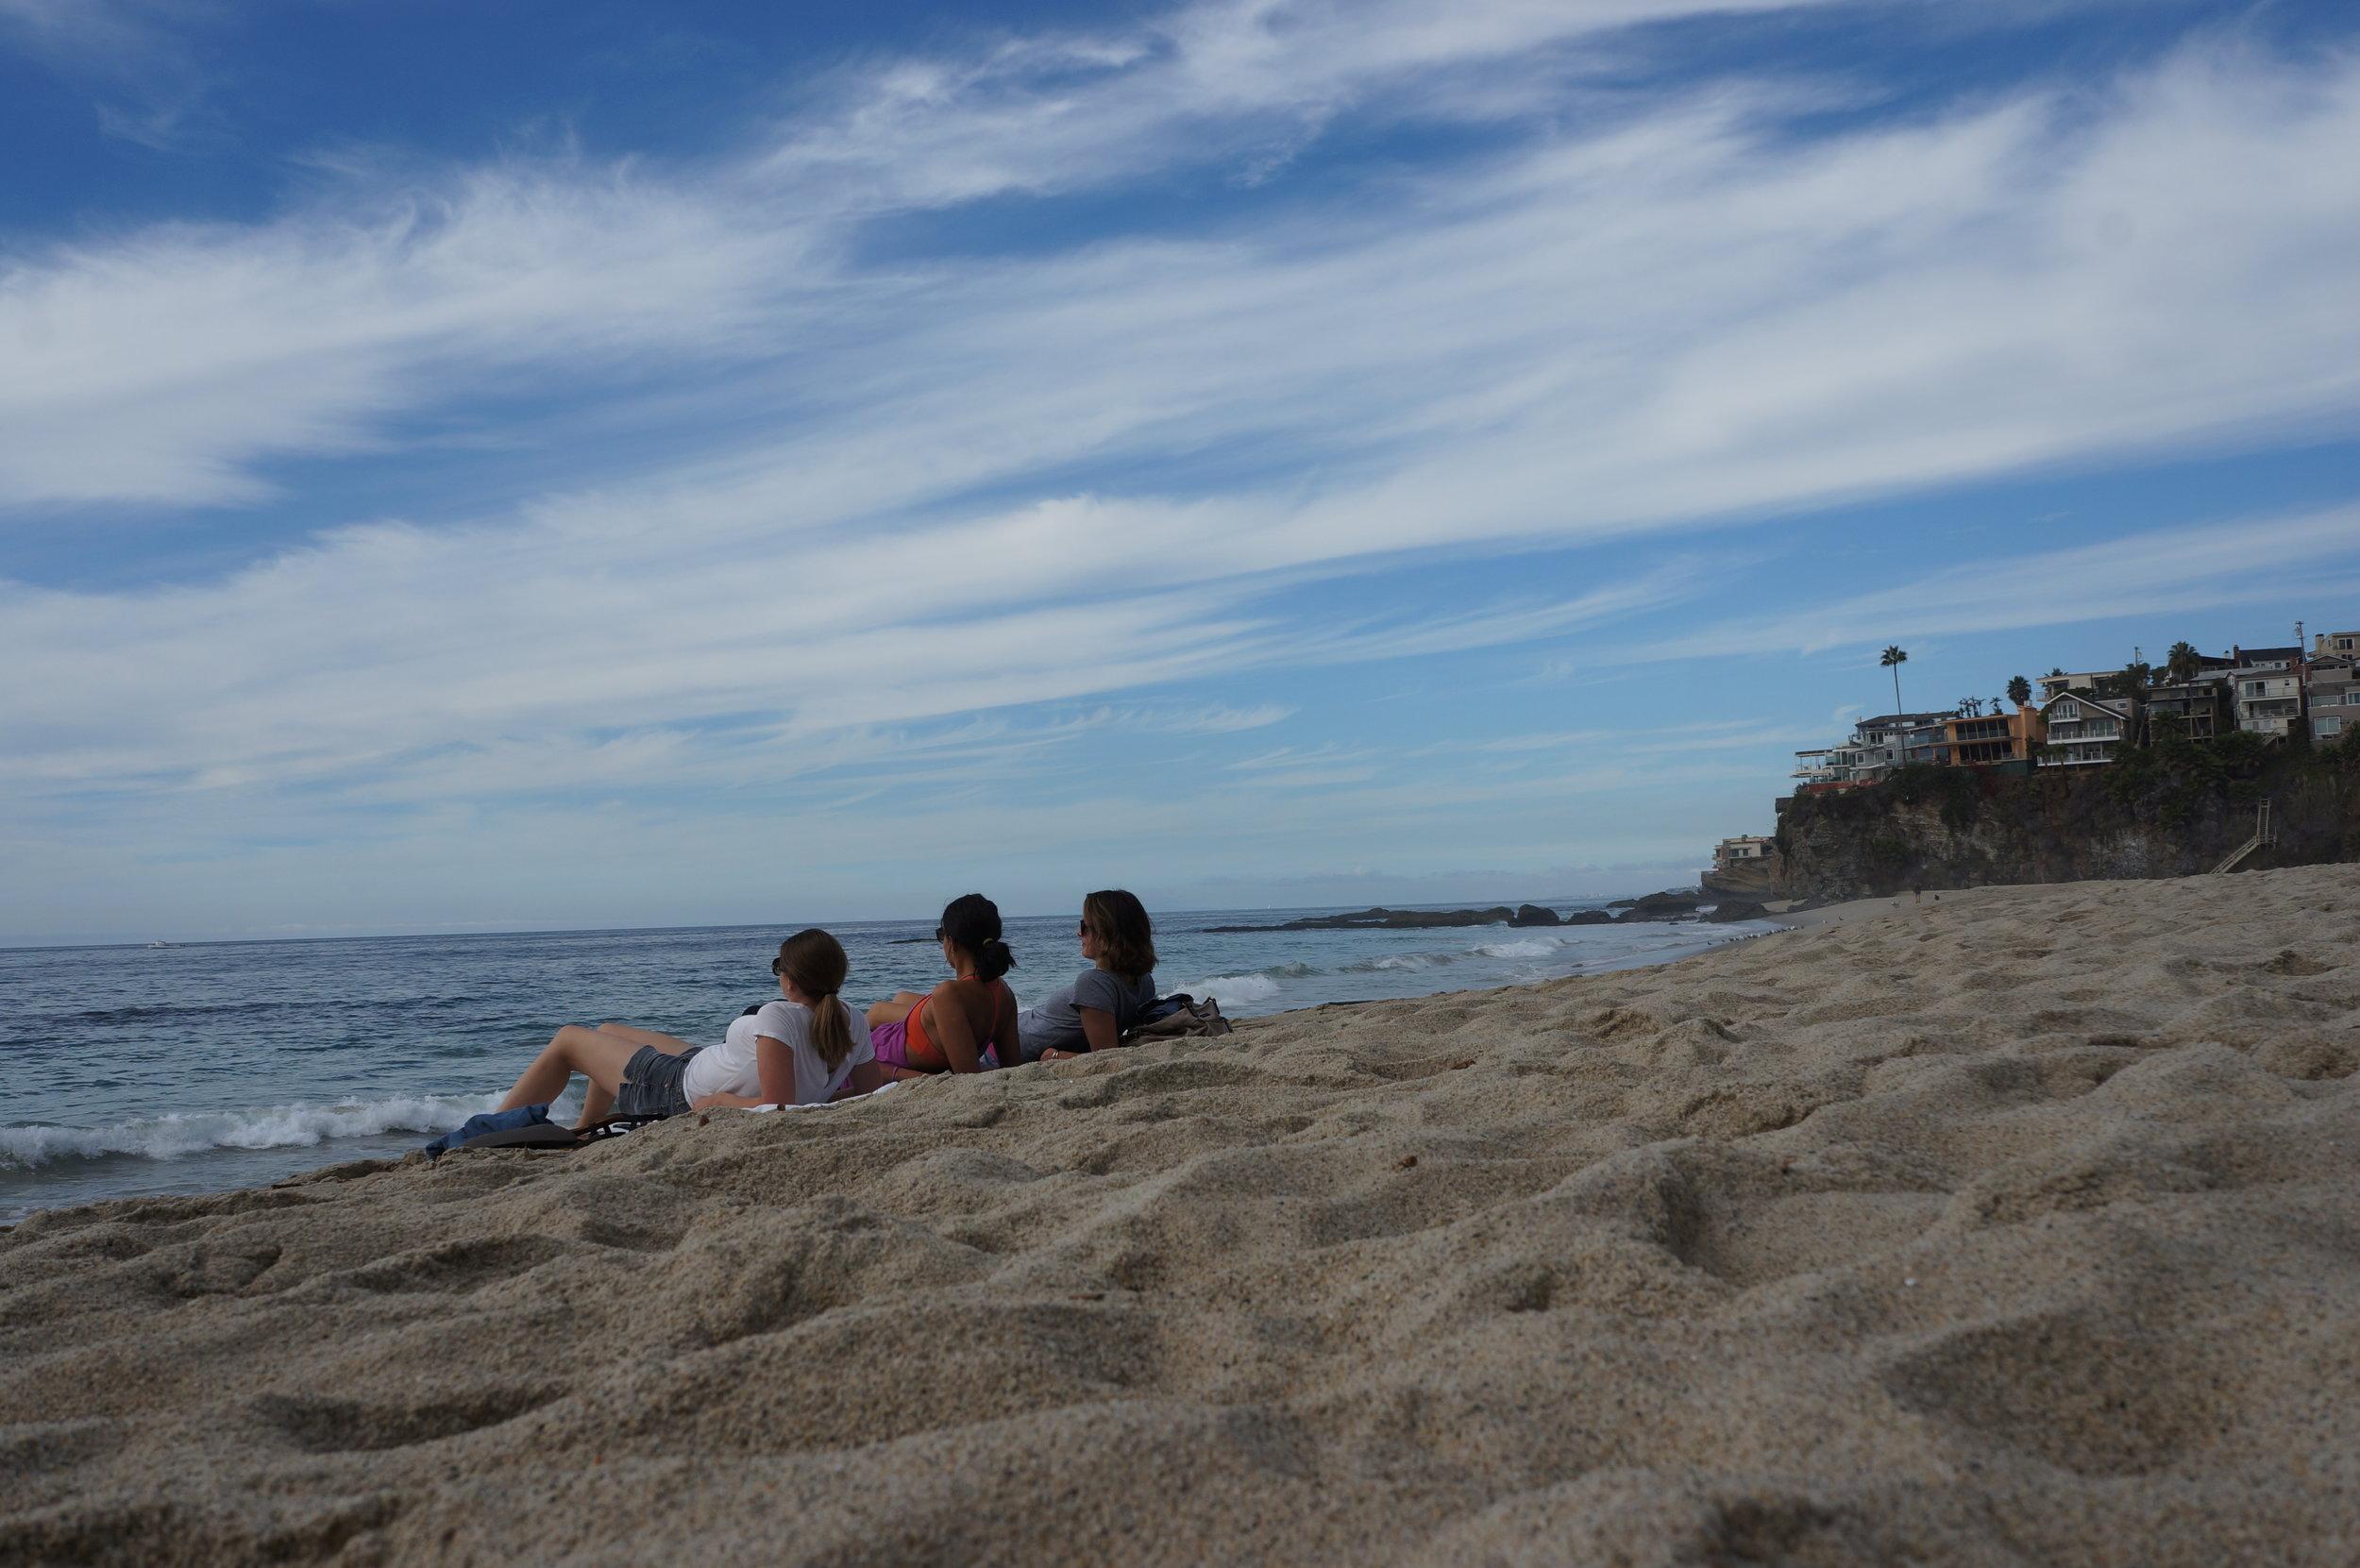 A beach day at 1,000 steps beach, Laguna, California